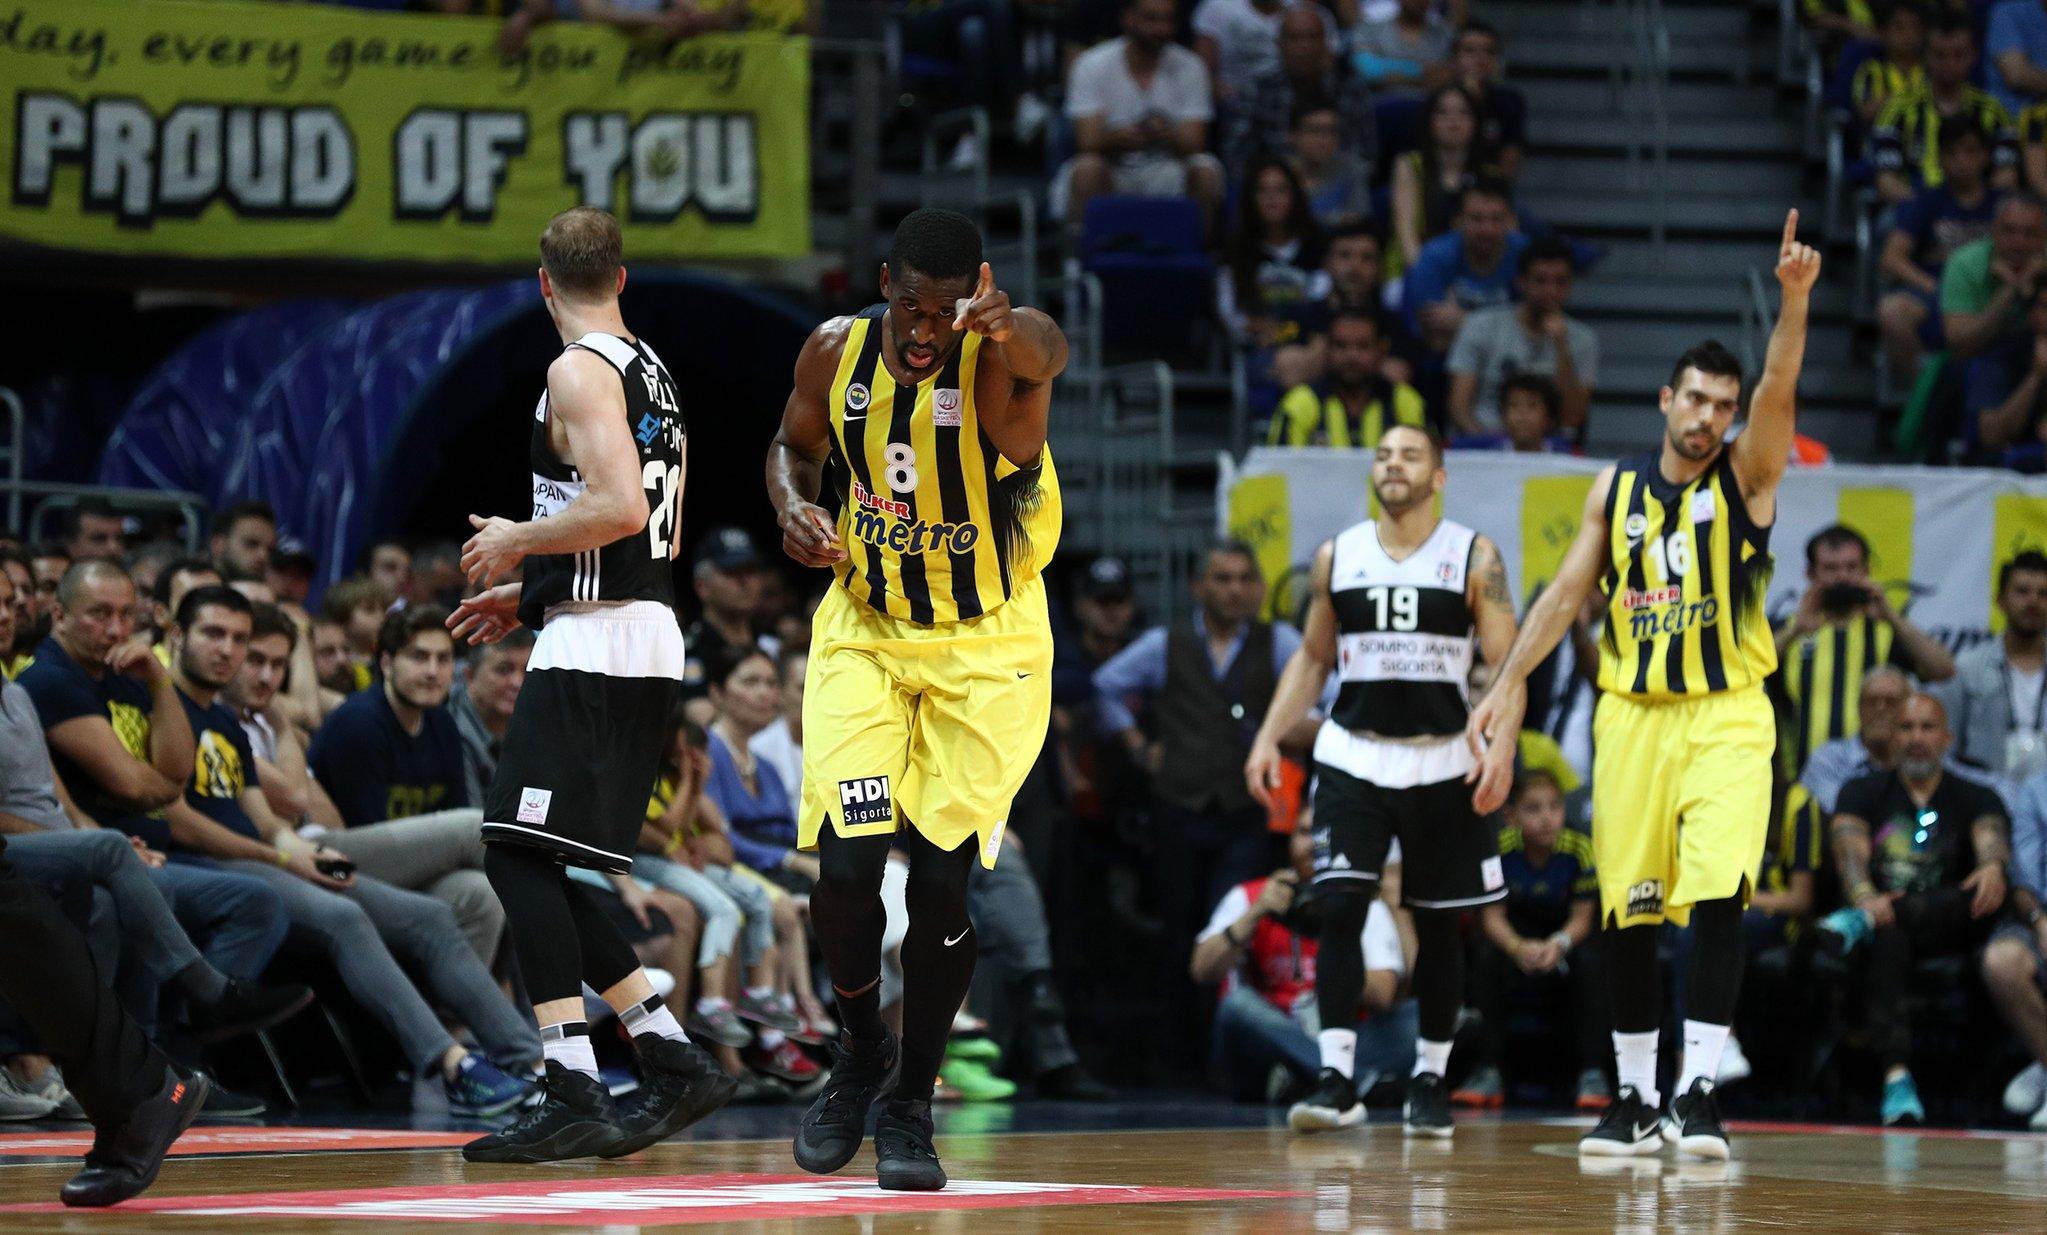 İkinci maç da Fenerbahçe'nin!